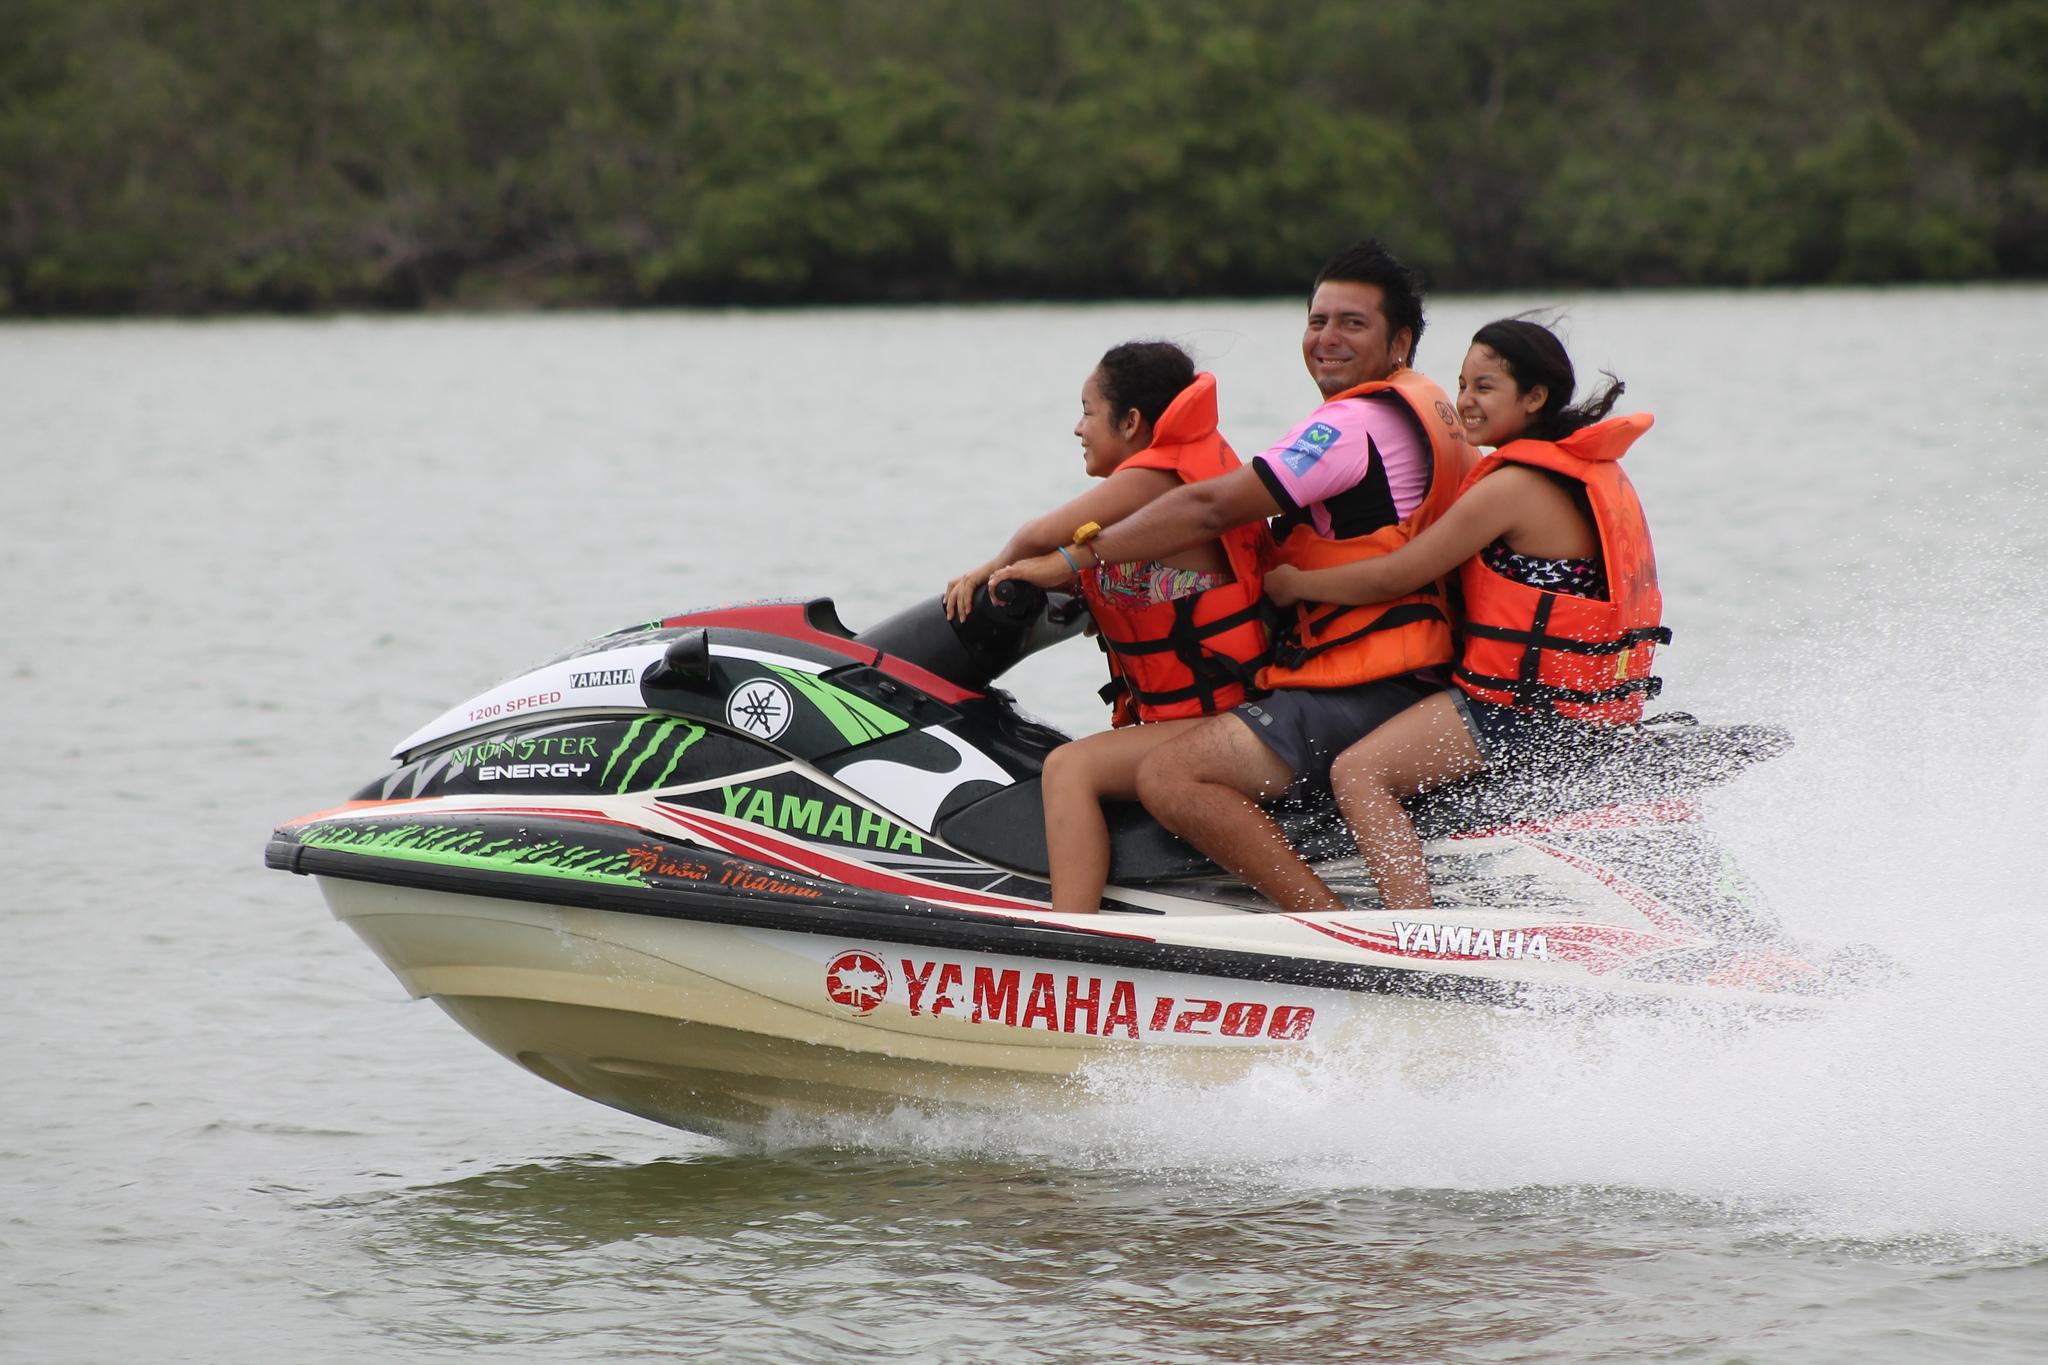 Paseos en motos acuáticas - 2048x1365